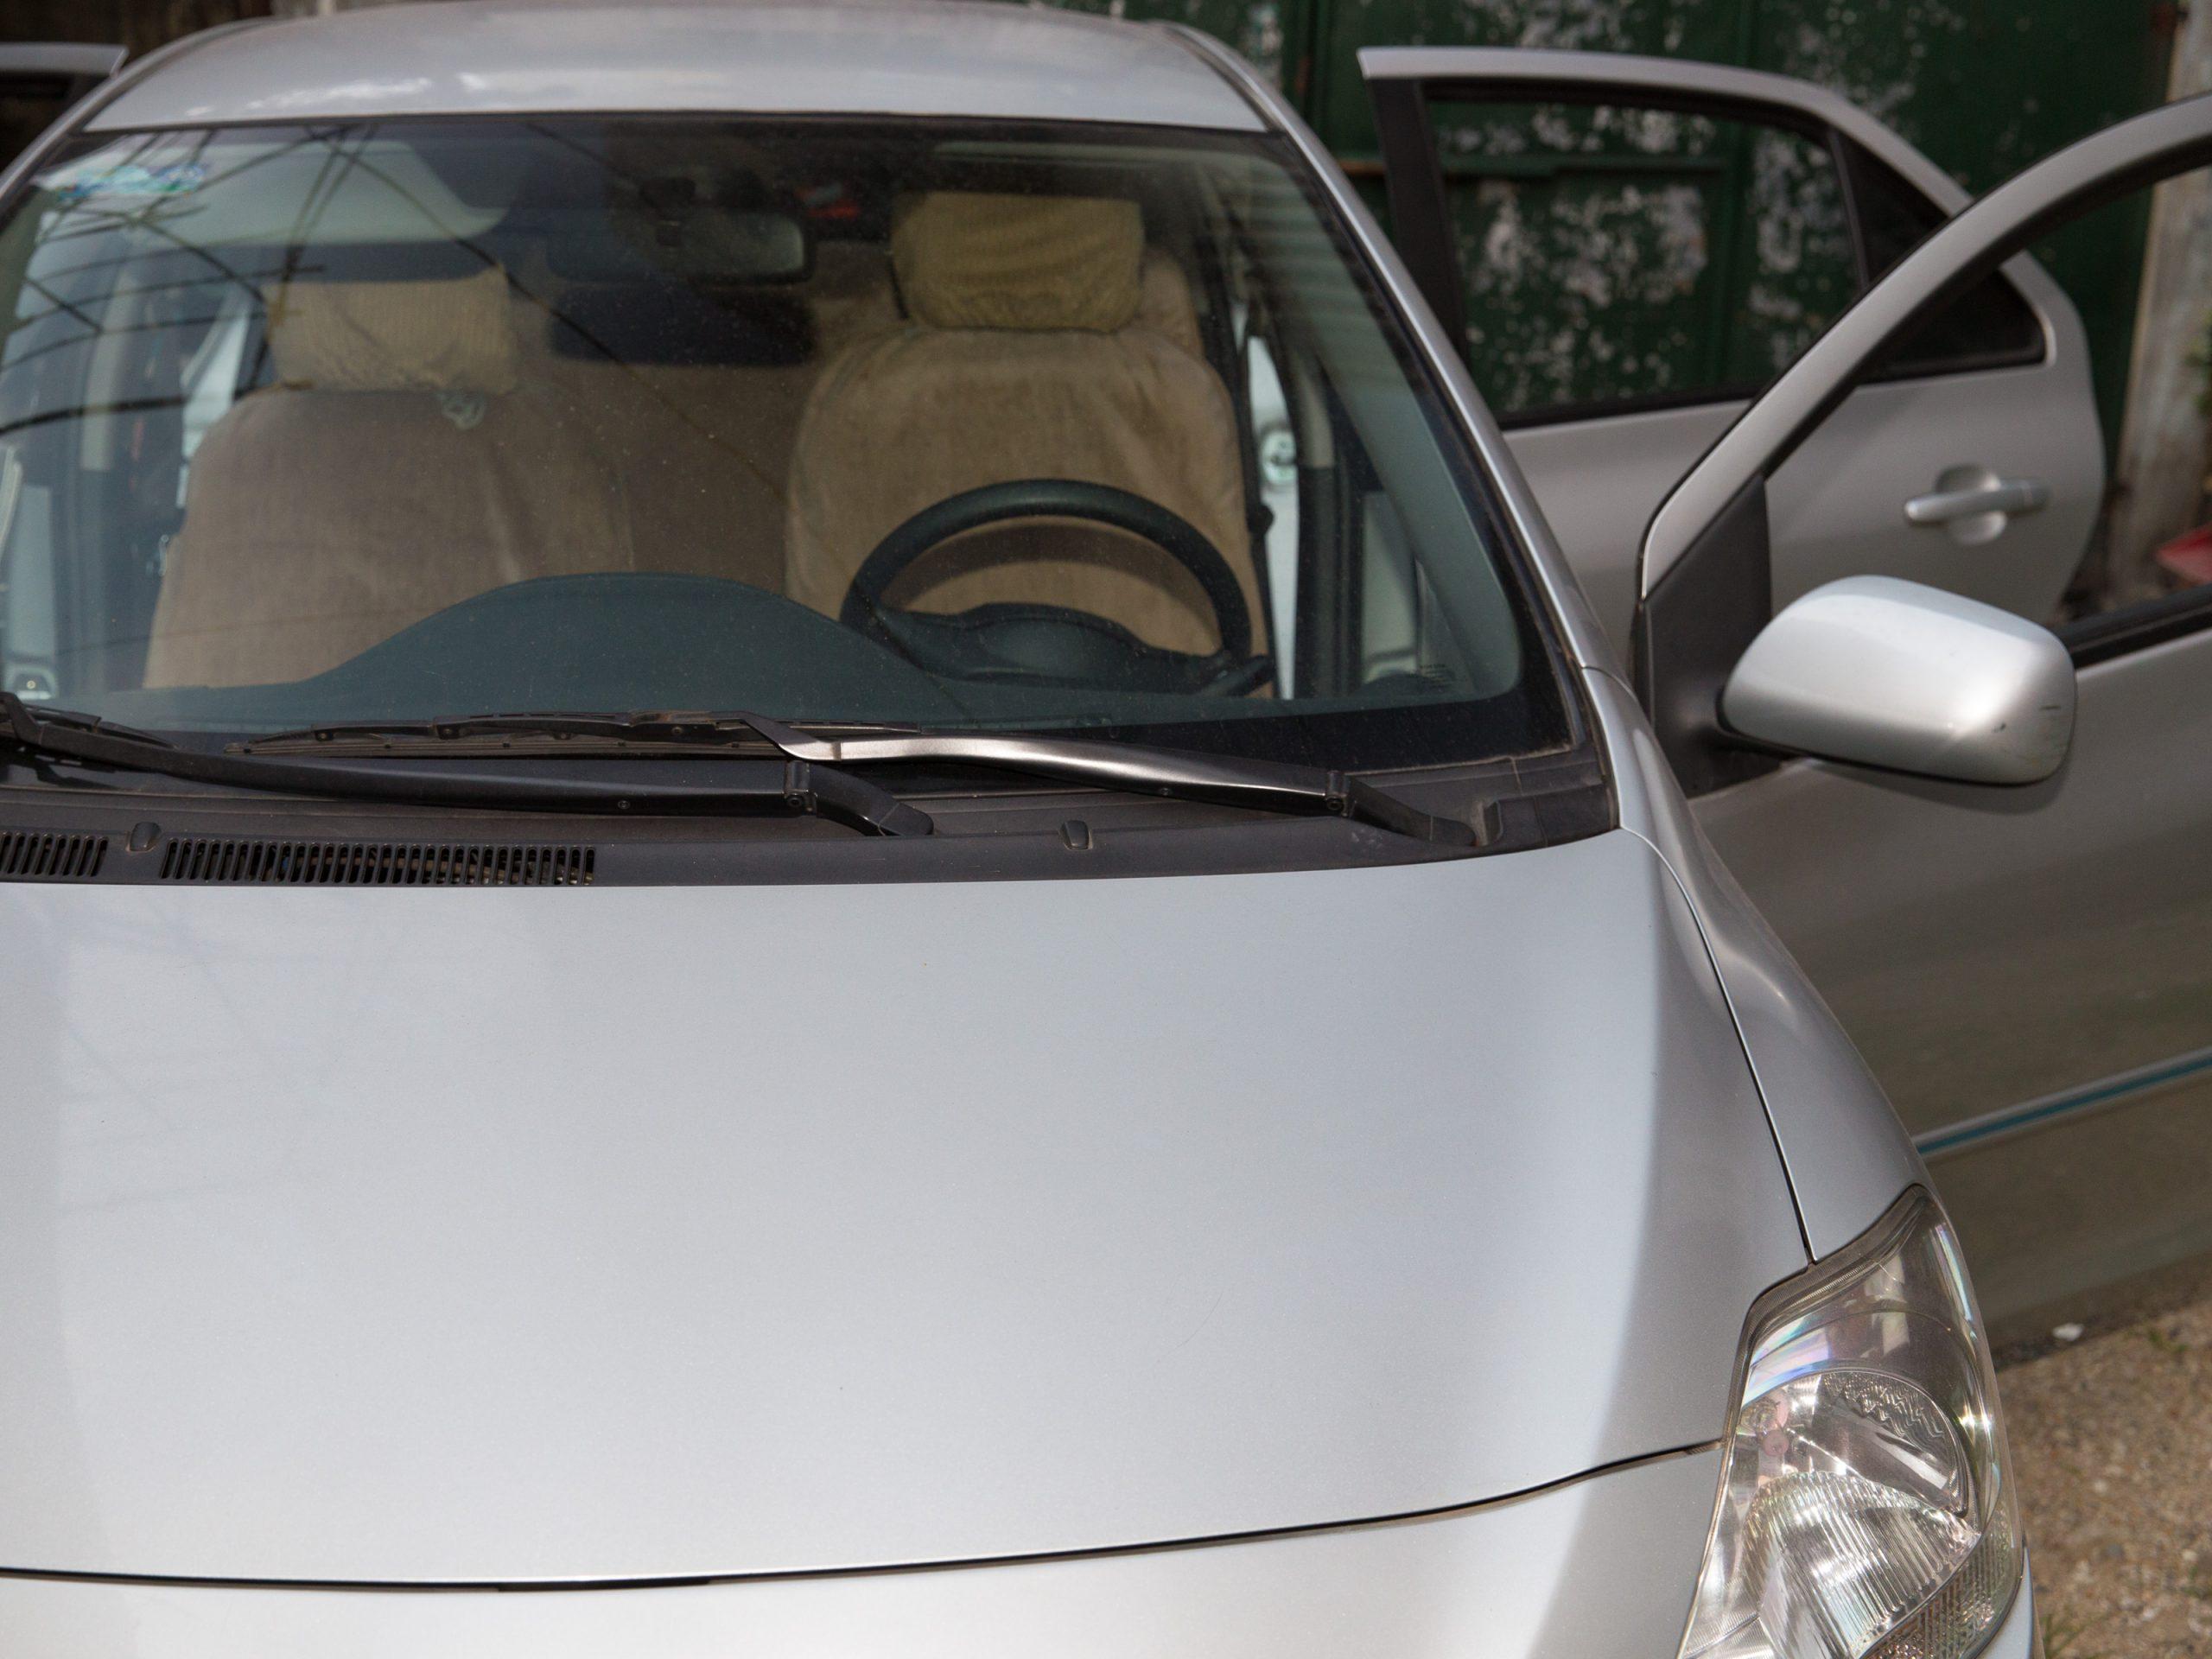 Full Size of Geruch Im Auto Neutralisieren Mit Kaffee Tabak Geruch Neutralisieren Auto Geruch Im Auto Neutralisieren Essig Essig Geruch Neutralisieren Auto Küche Gerüche Neutralisieren Auto